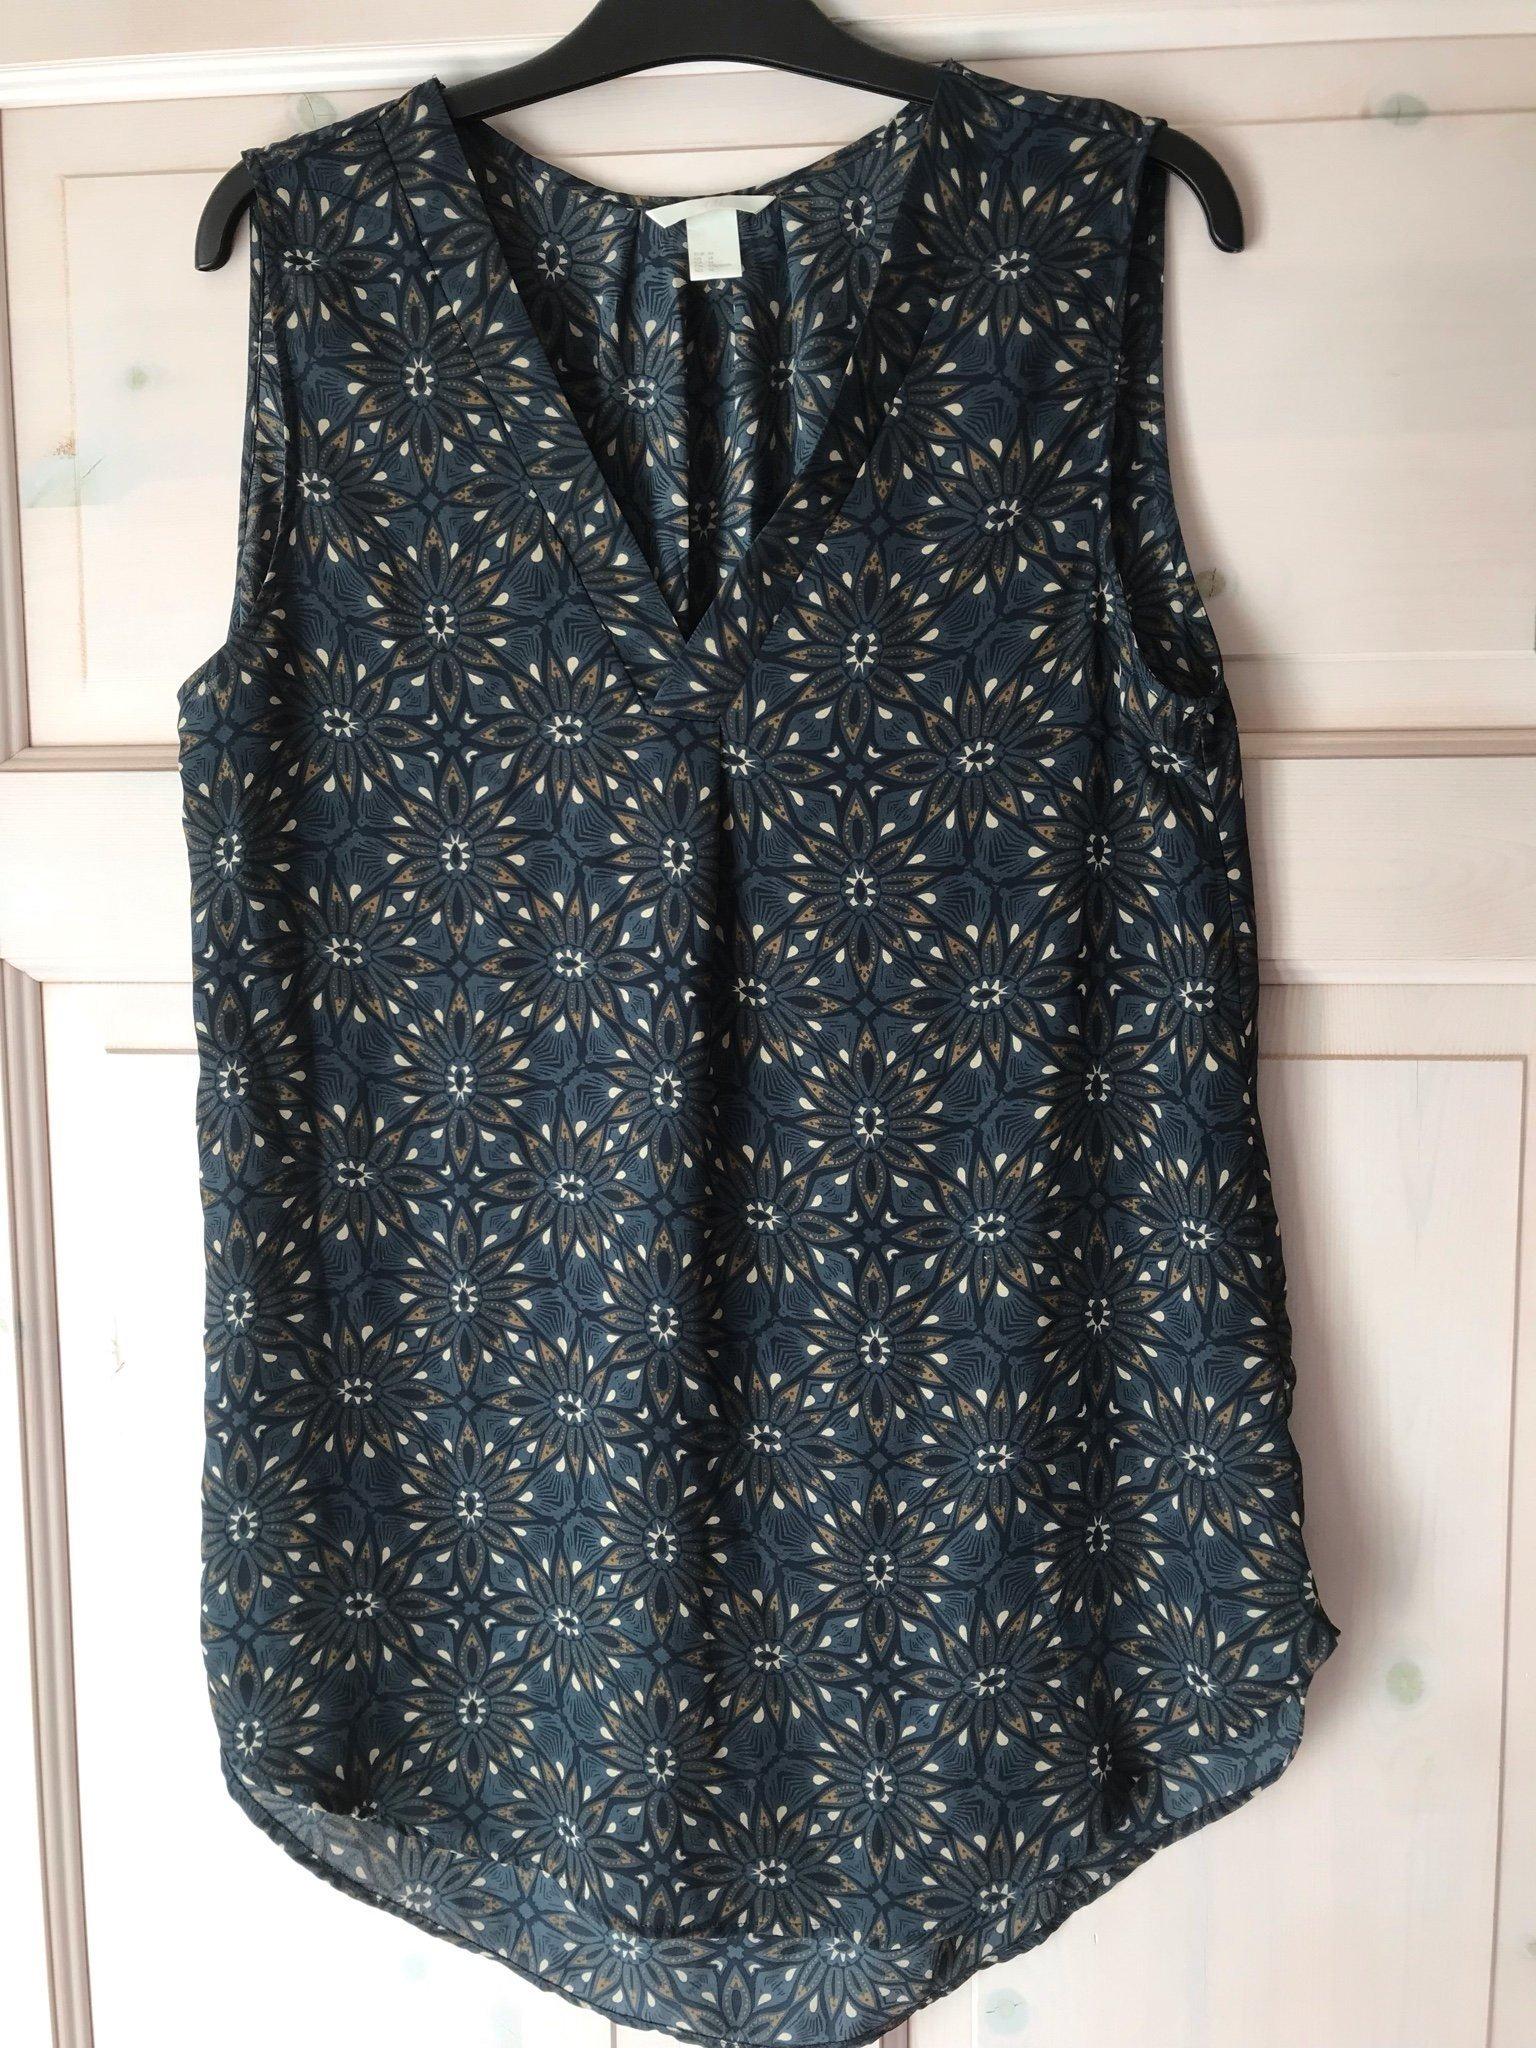 edcf1ae8288f Jätte fint tunika/linne från HM storlek 44 (346080825) ᐈ Köp på Tradera